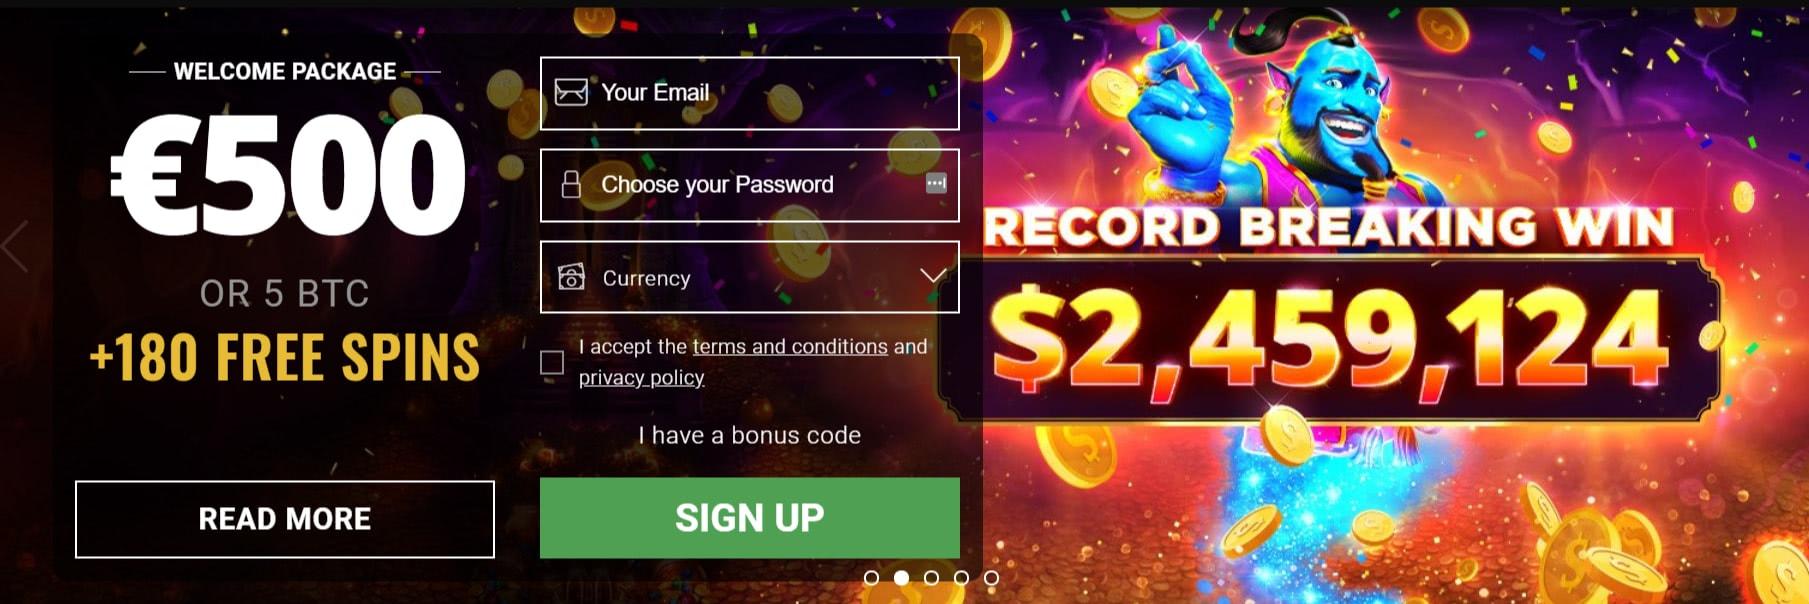 cosmo casino auszahlung bonusguthaben